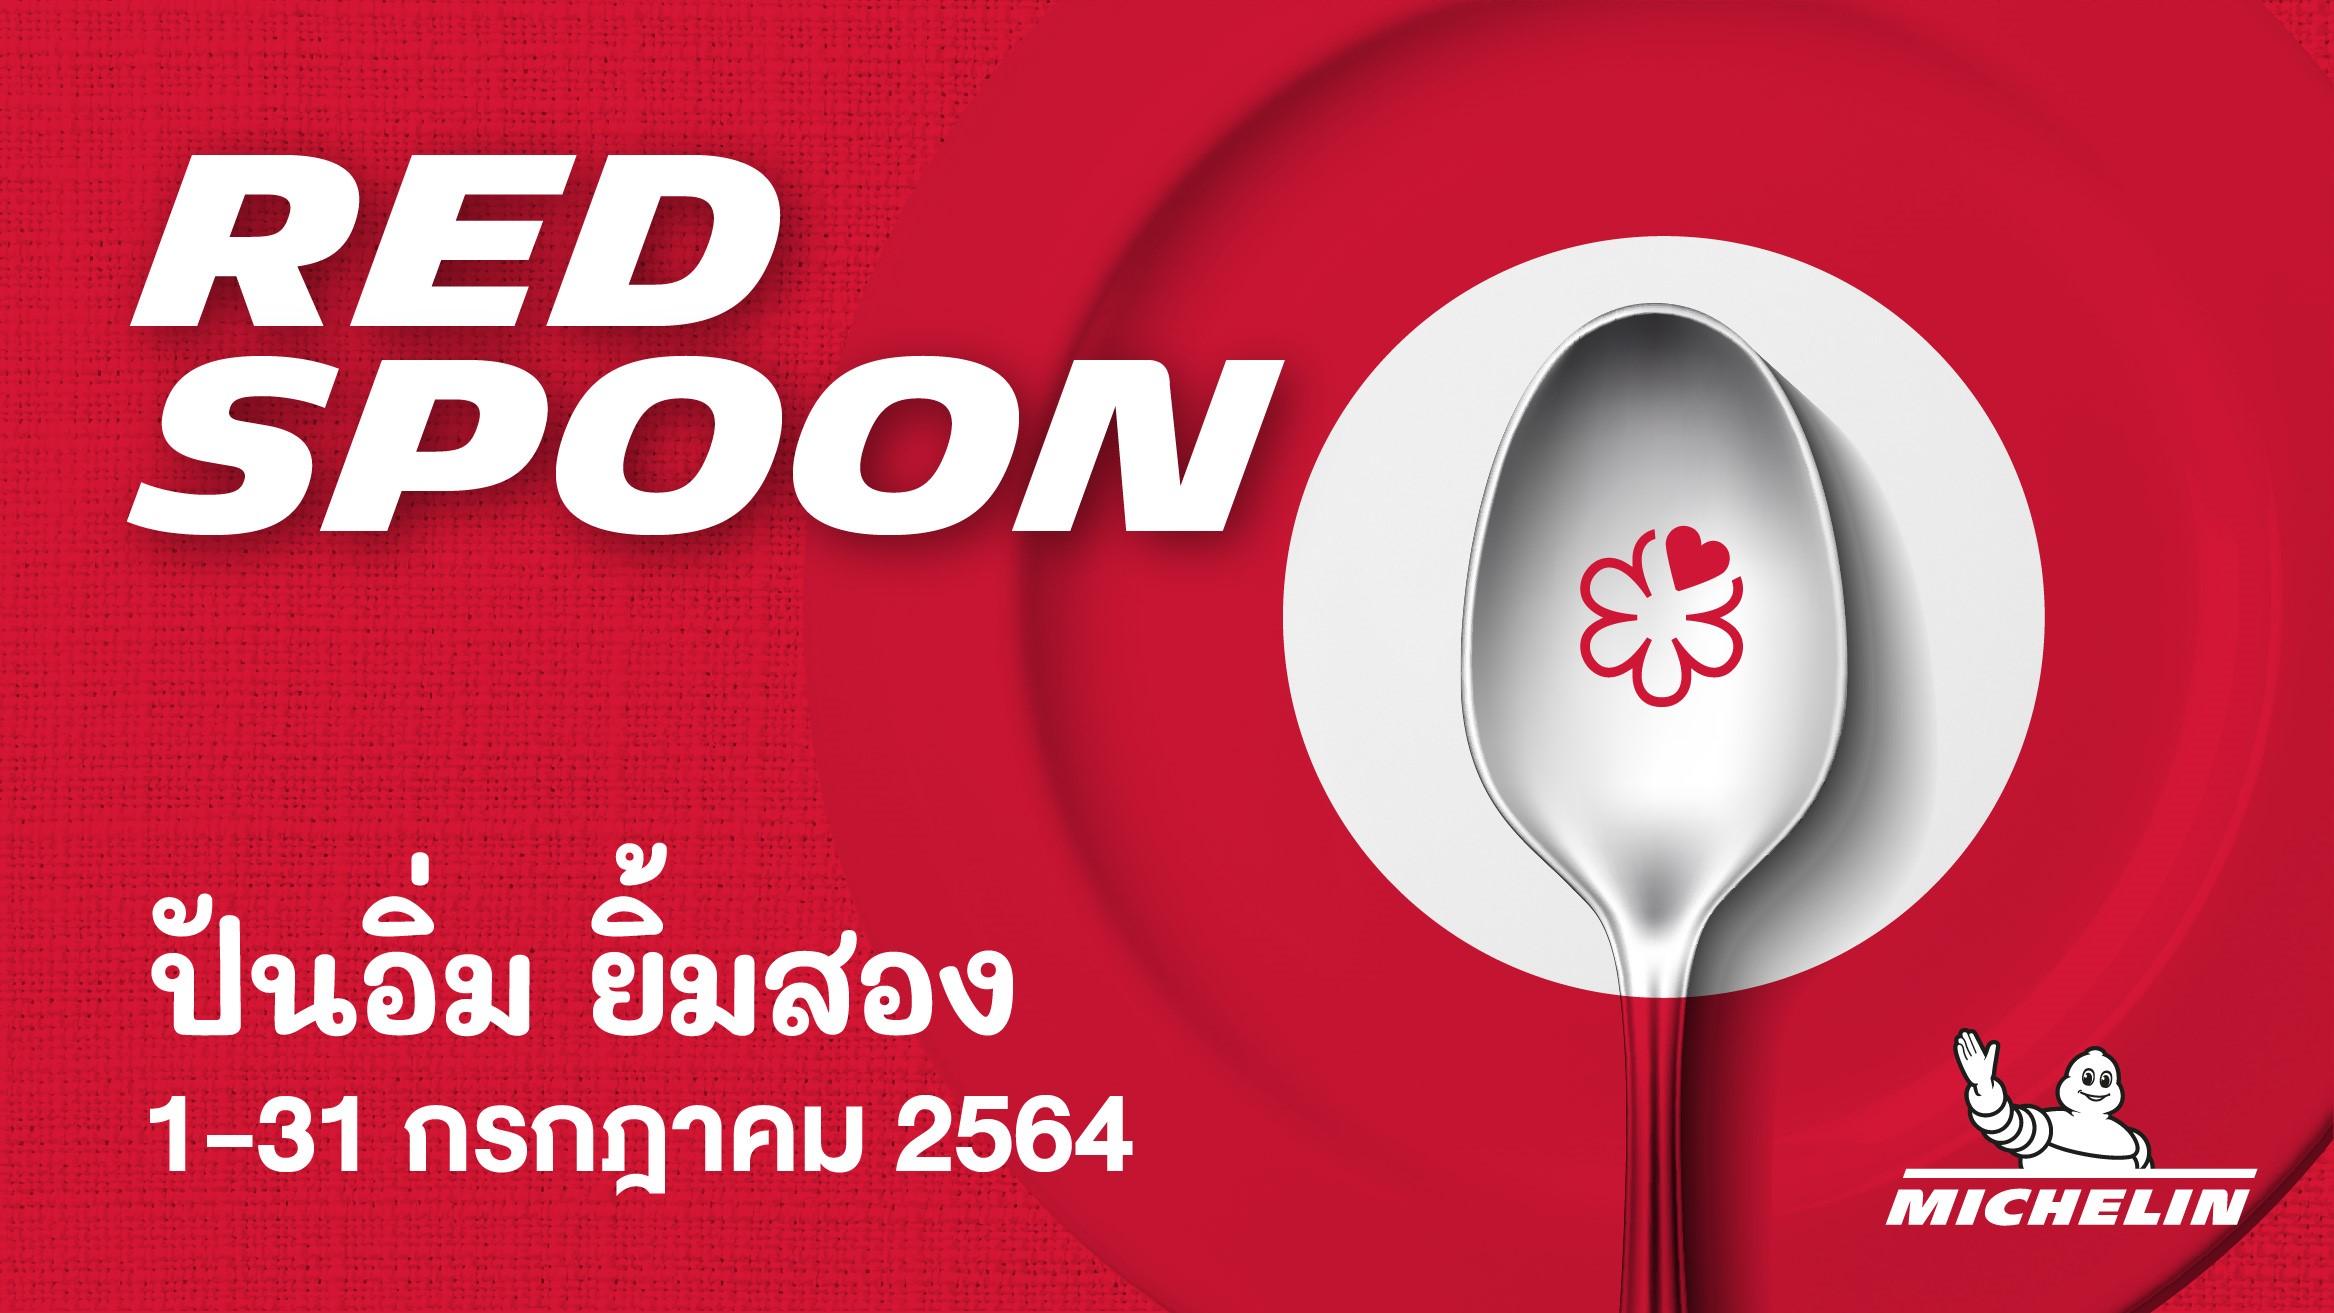 'มิชลิน ไกด์' จัดแคมเปญ 'Red Spoon | ปันอิ่ม ยิ้มสอง'  เชิญชวนร่วมส่งกำลังใจให้บุคลากรทางการแพทย์ ช่วยเหลือชุมชน  ขาดแคลน และสนับสนุนกิจการร้านอาหาร ผ่านเมนูอร่อยจาก 25 ร้านดัง